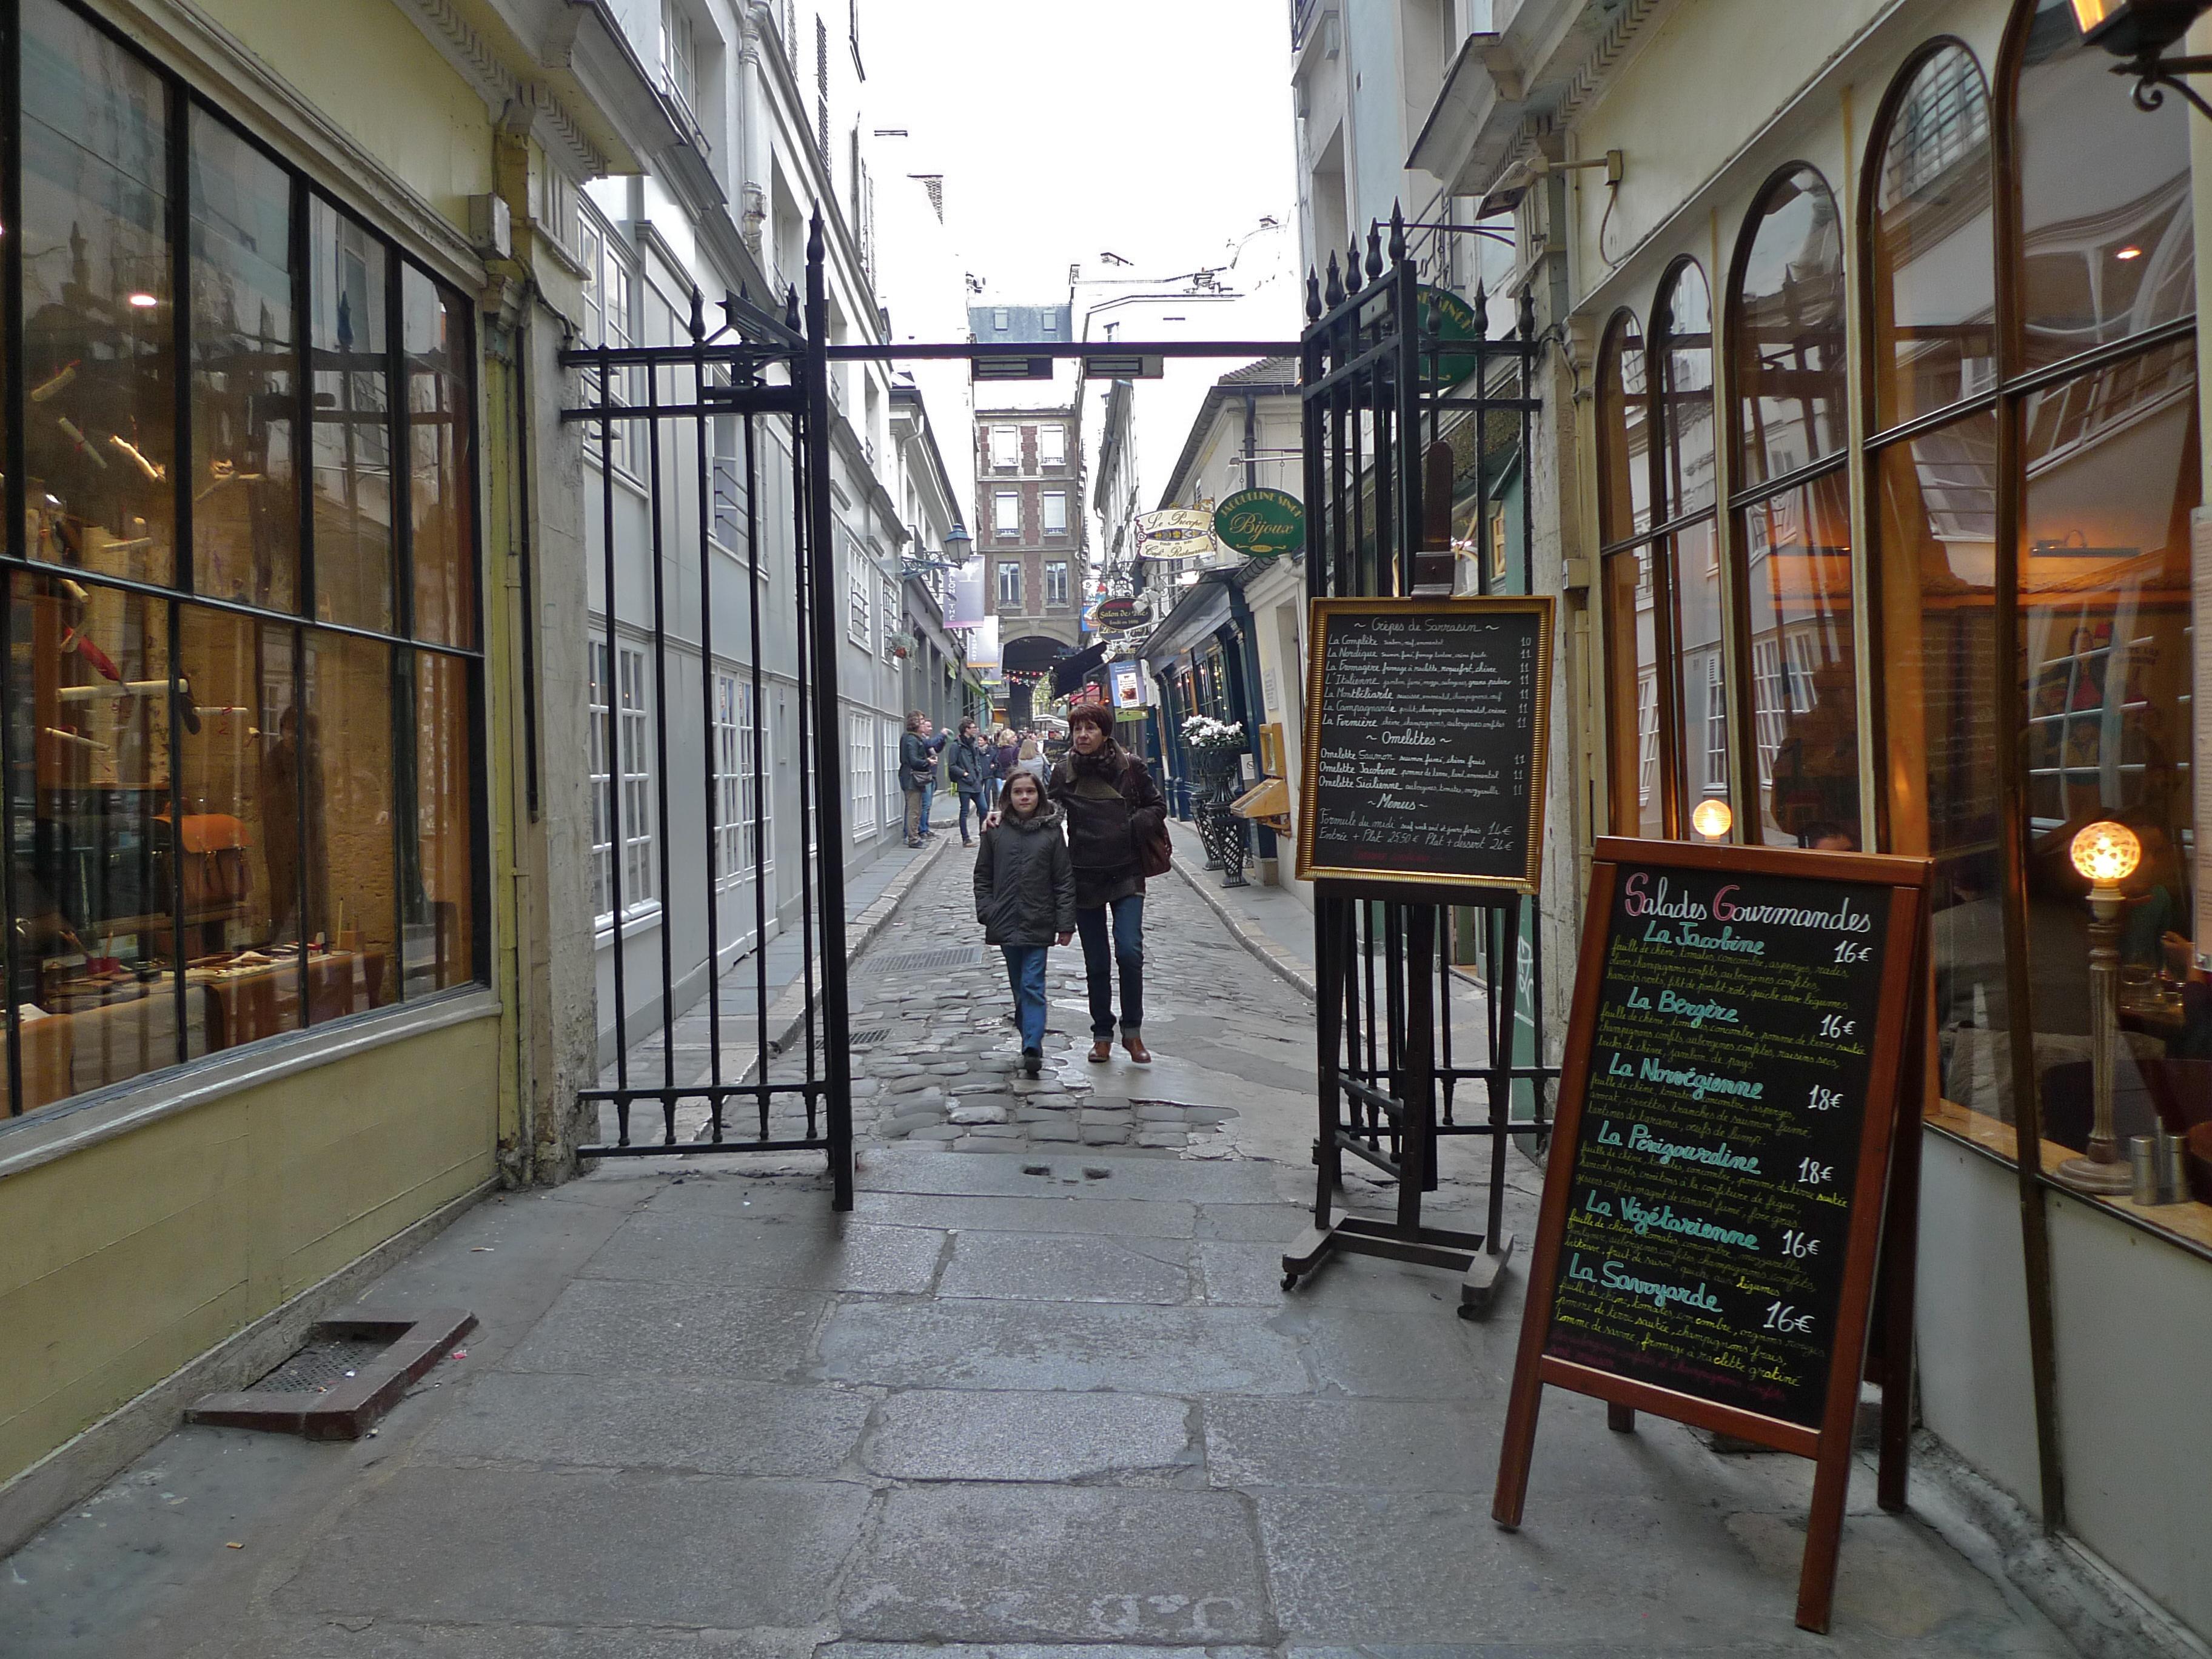 Dimanche Restaurant St Etienne